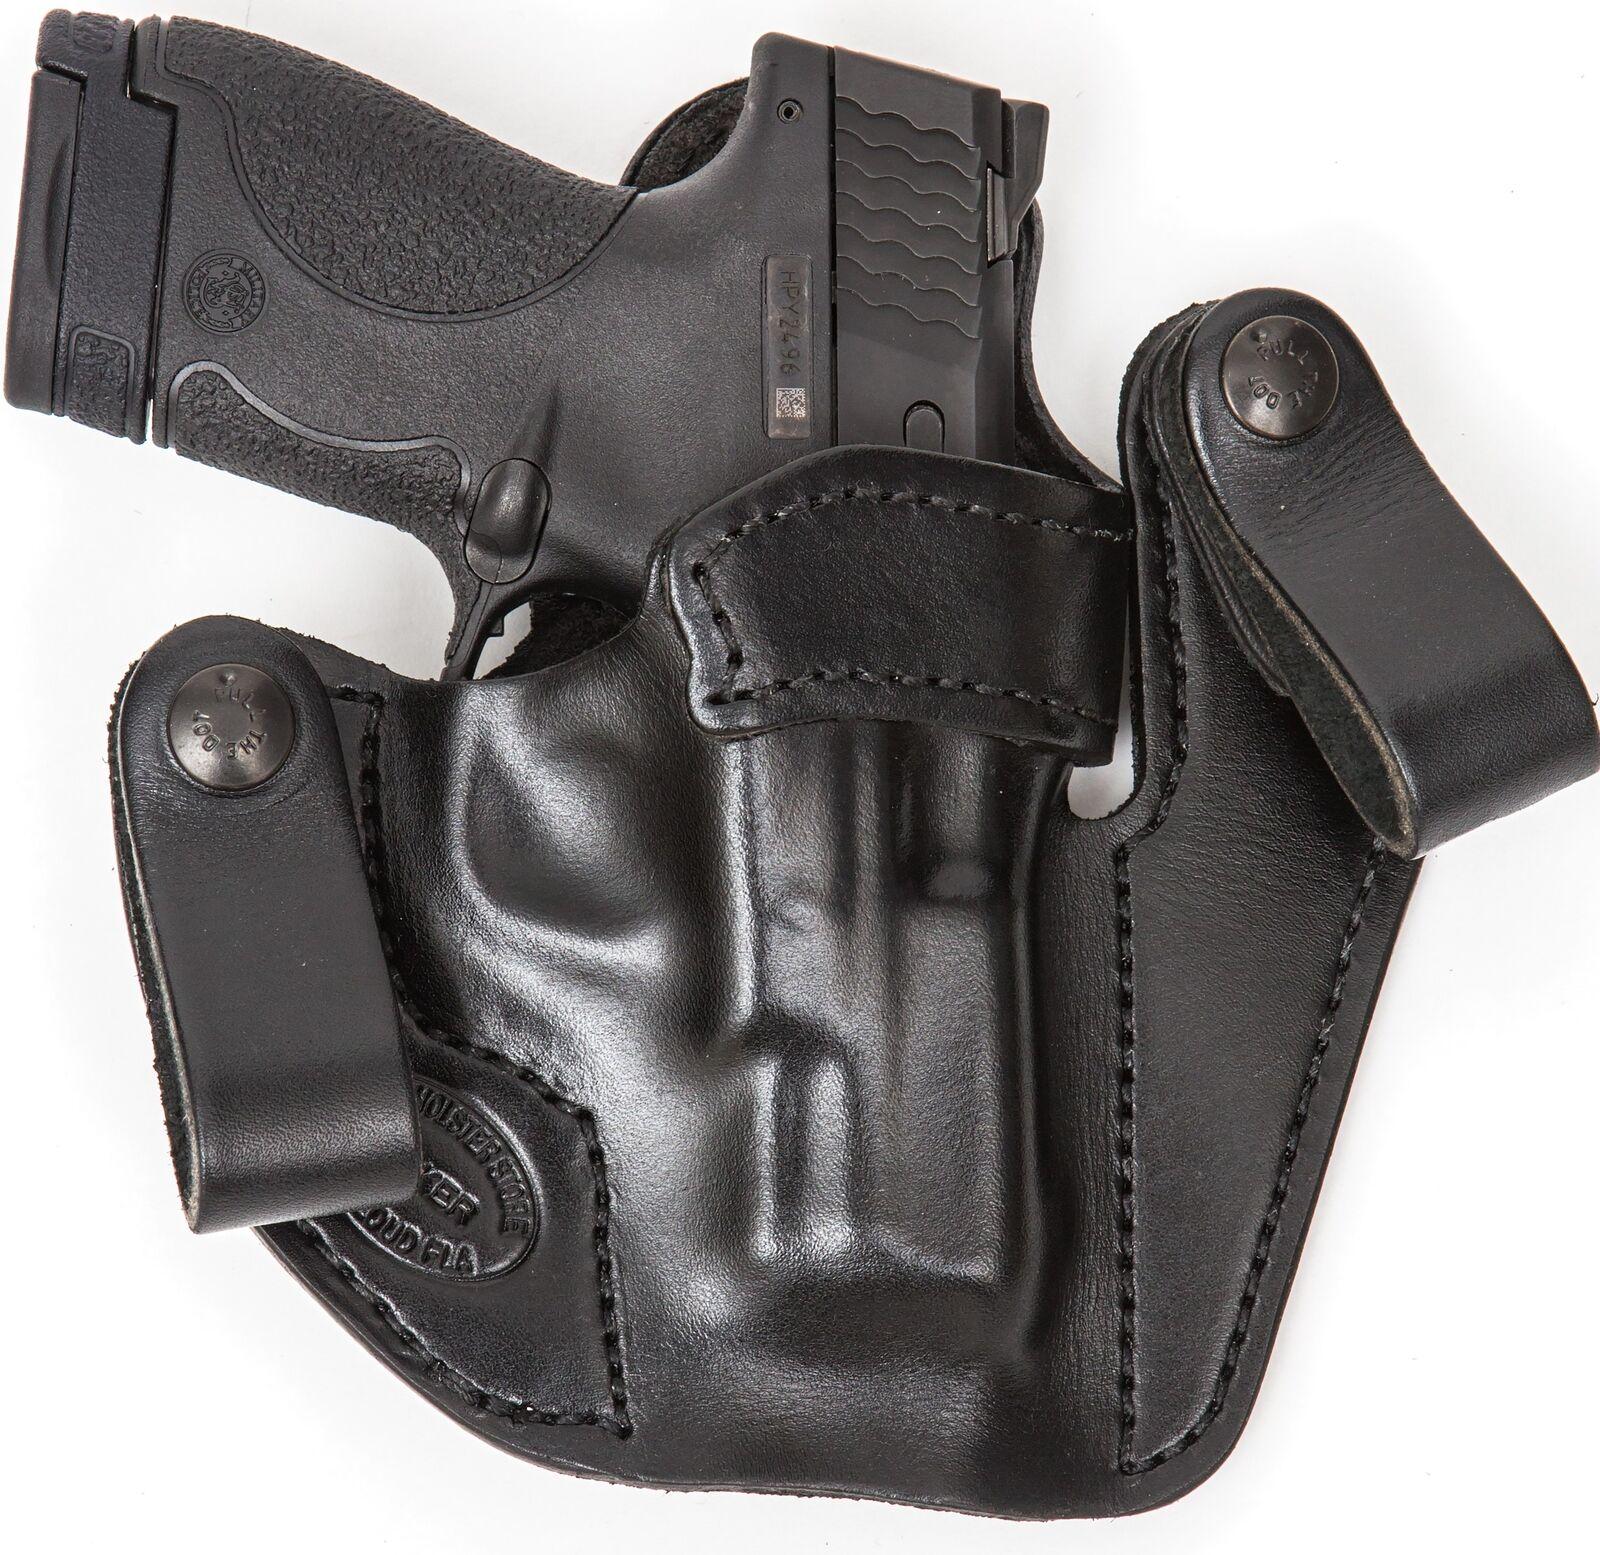 Xtreme llevar RH LH dentro de la cintura de cuero Funda Pistola Para S&W 99